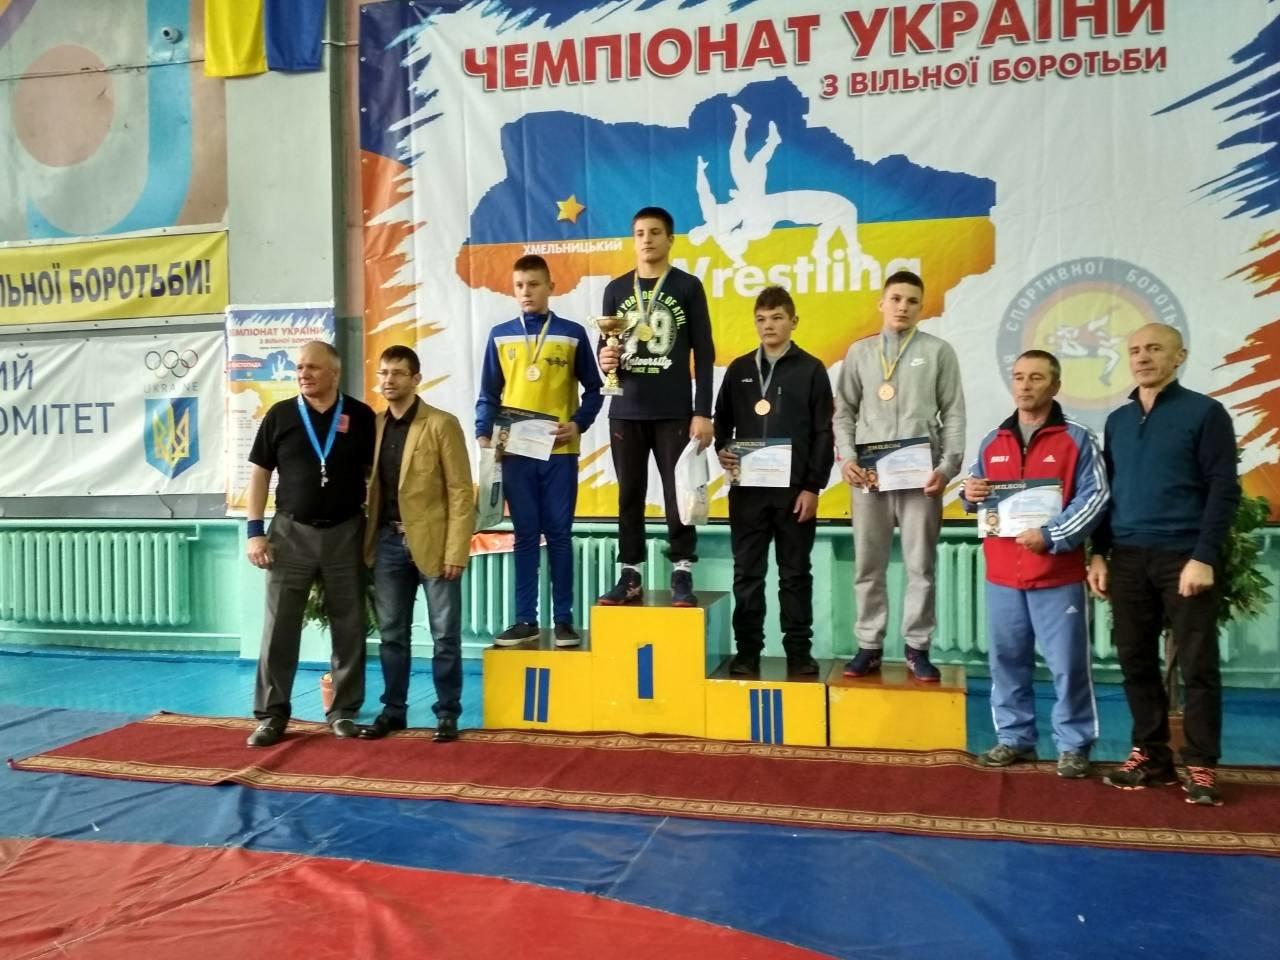 Воспитанники Николаевской ДЮСШ № 7 завоевали призовые места на чемпионате Украины по вольной борьбе, фото-3